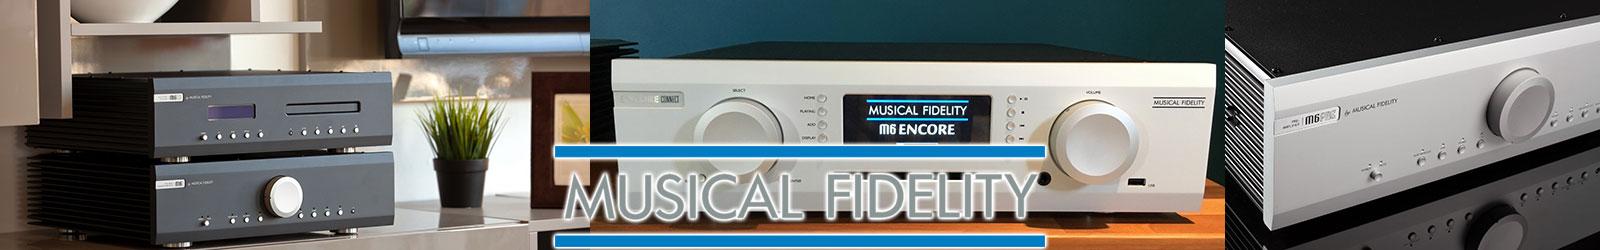 Musical Fidelity Banner